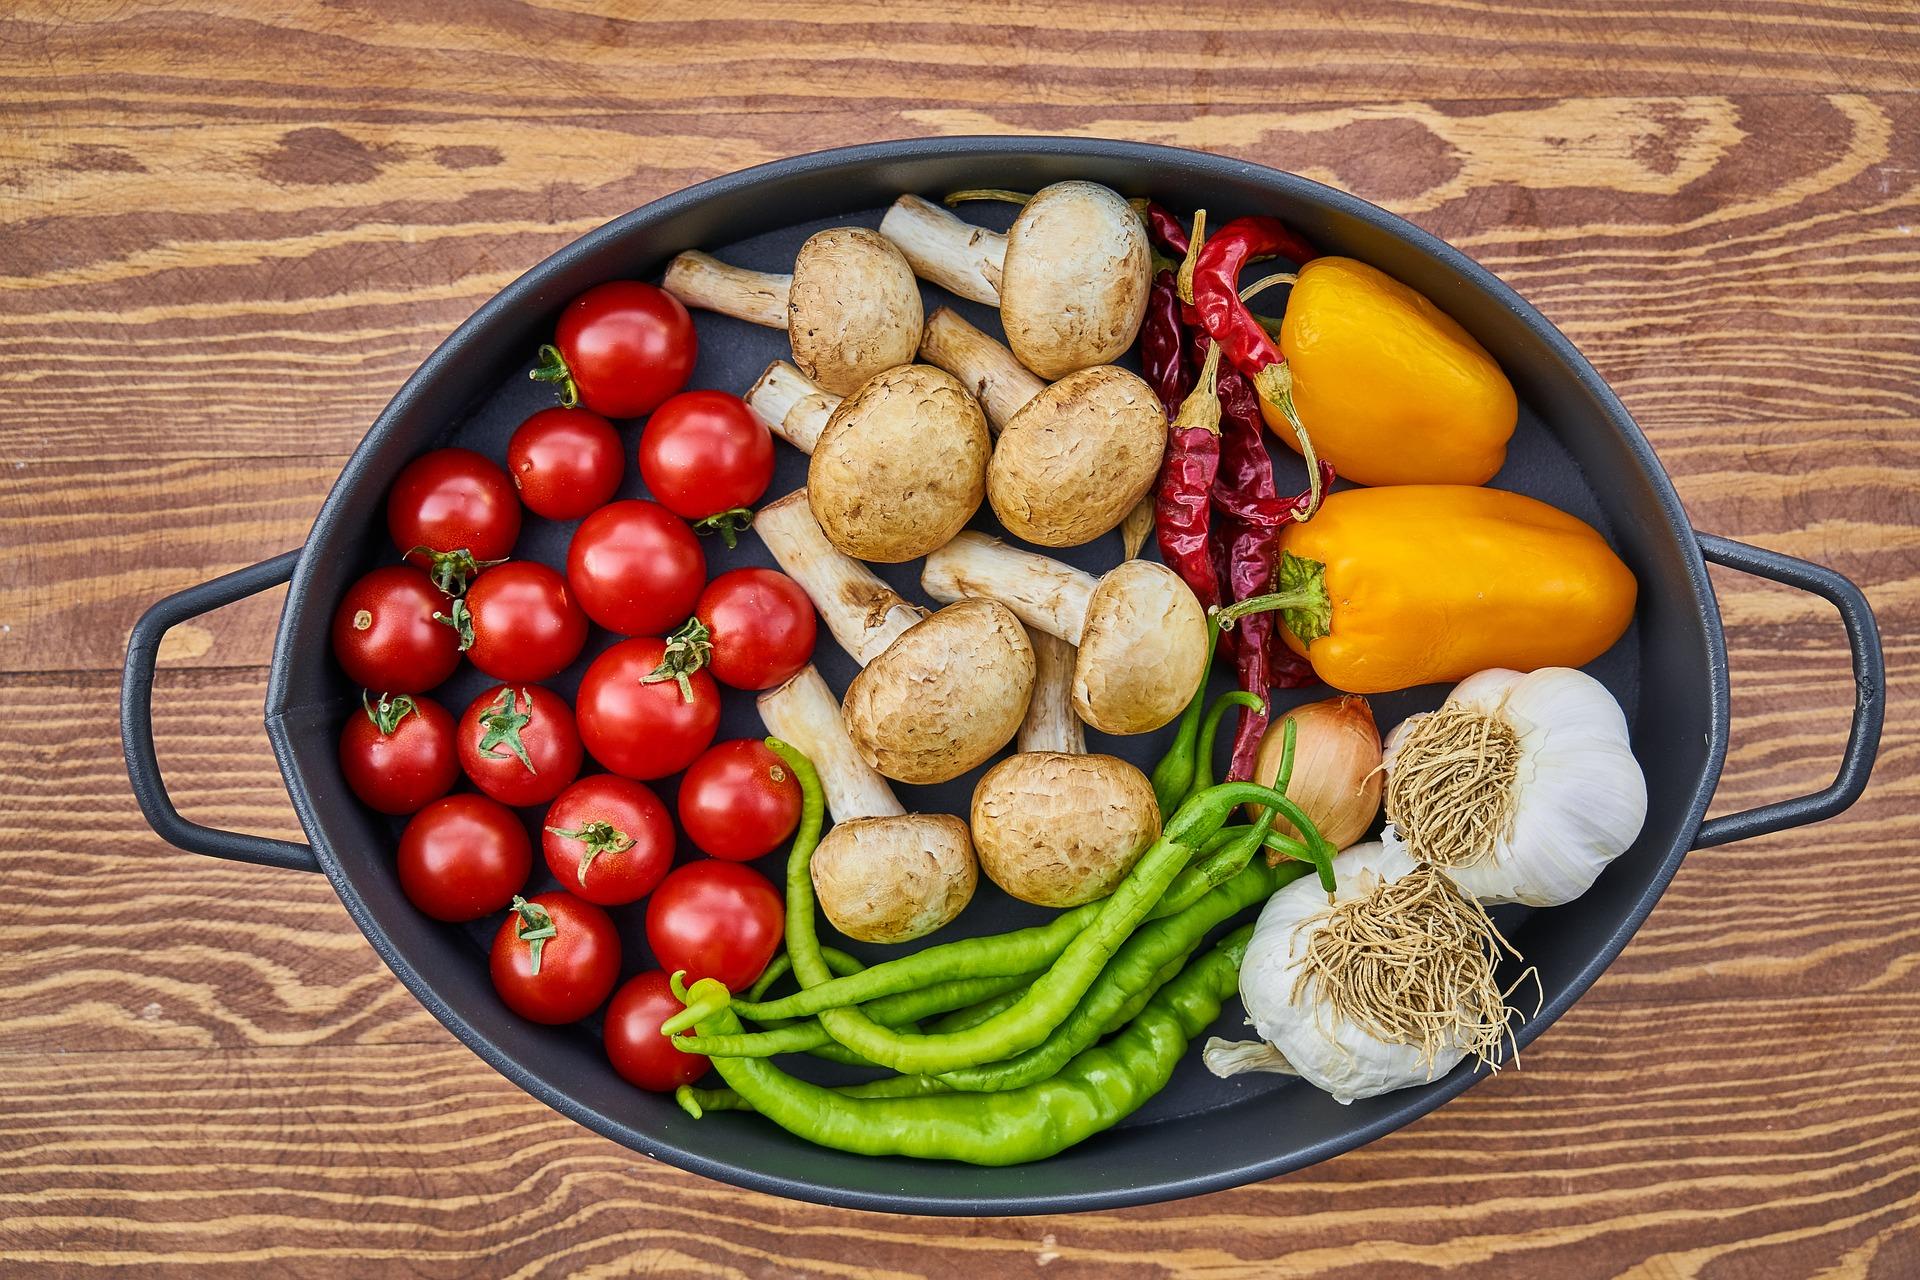 預防大腸癌每天最少進食兩份水果及三份蔬菜,以促進健康。